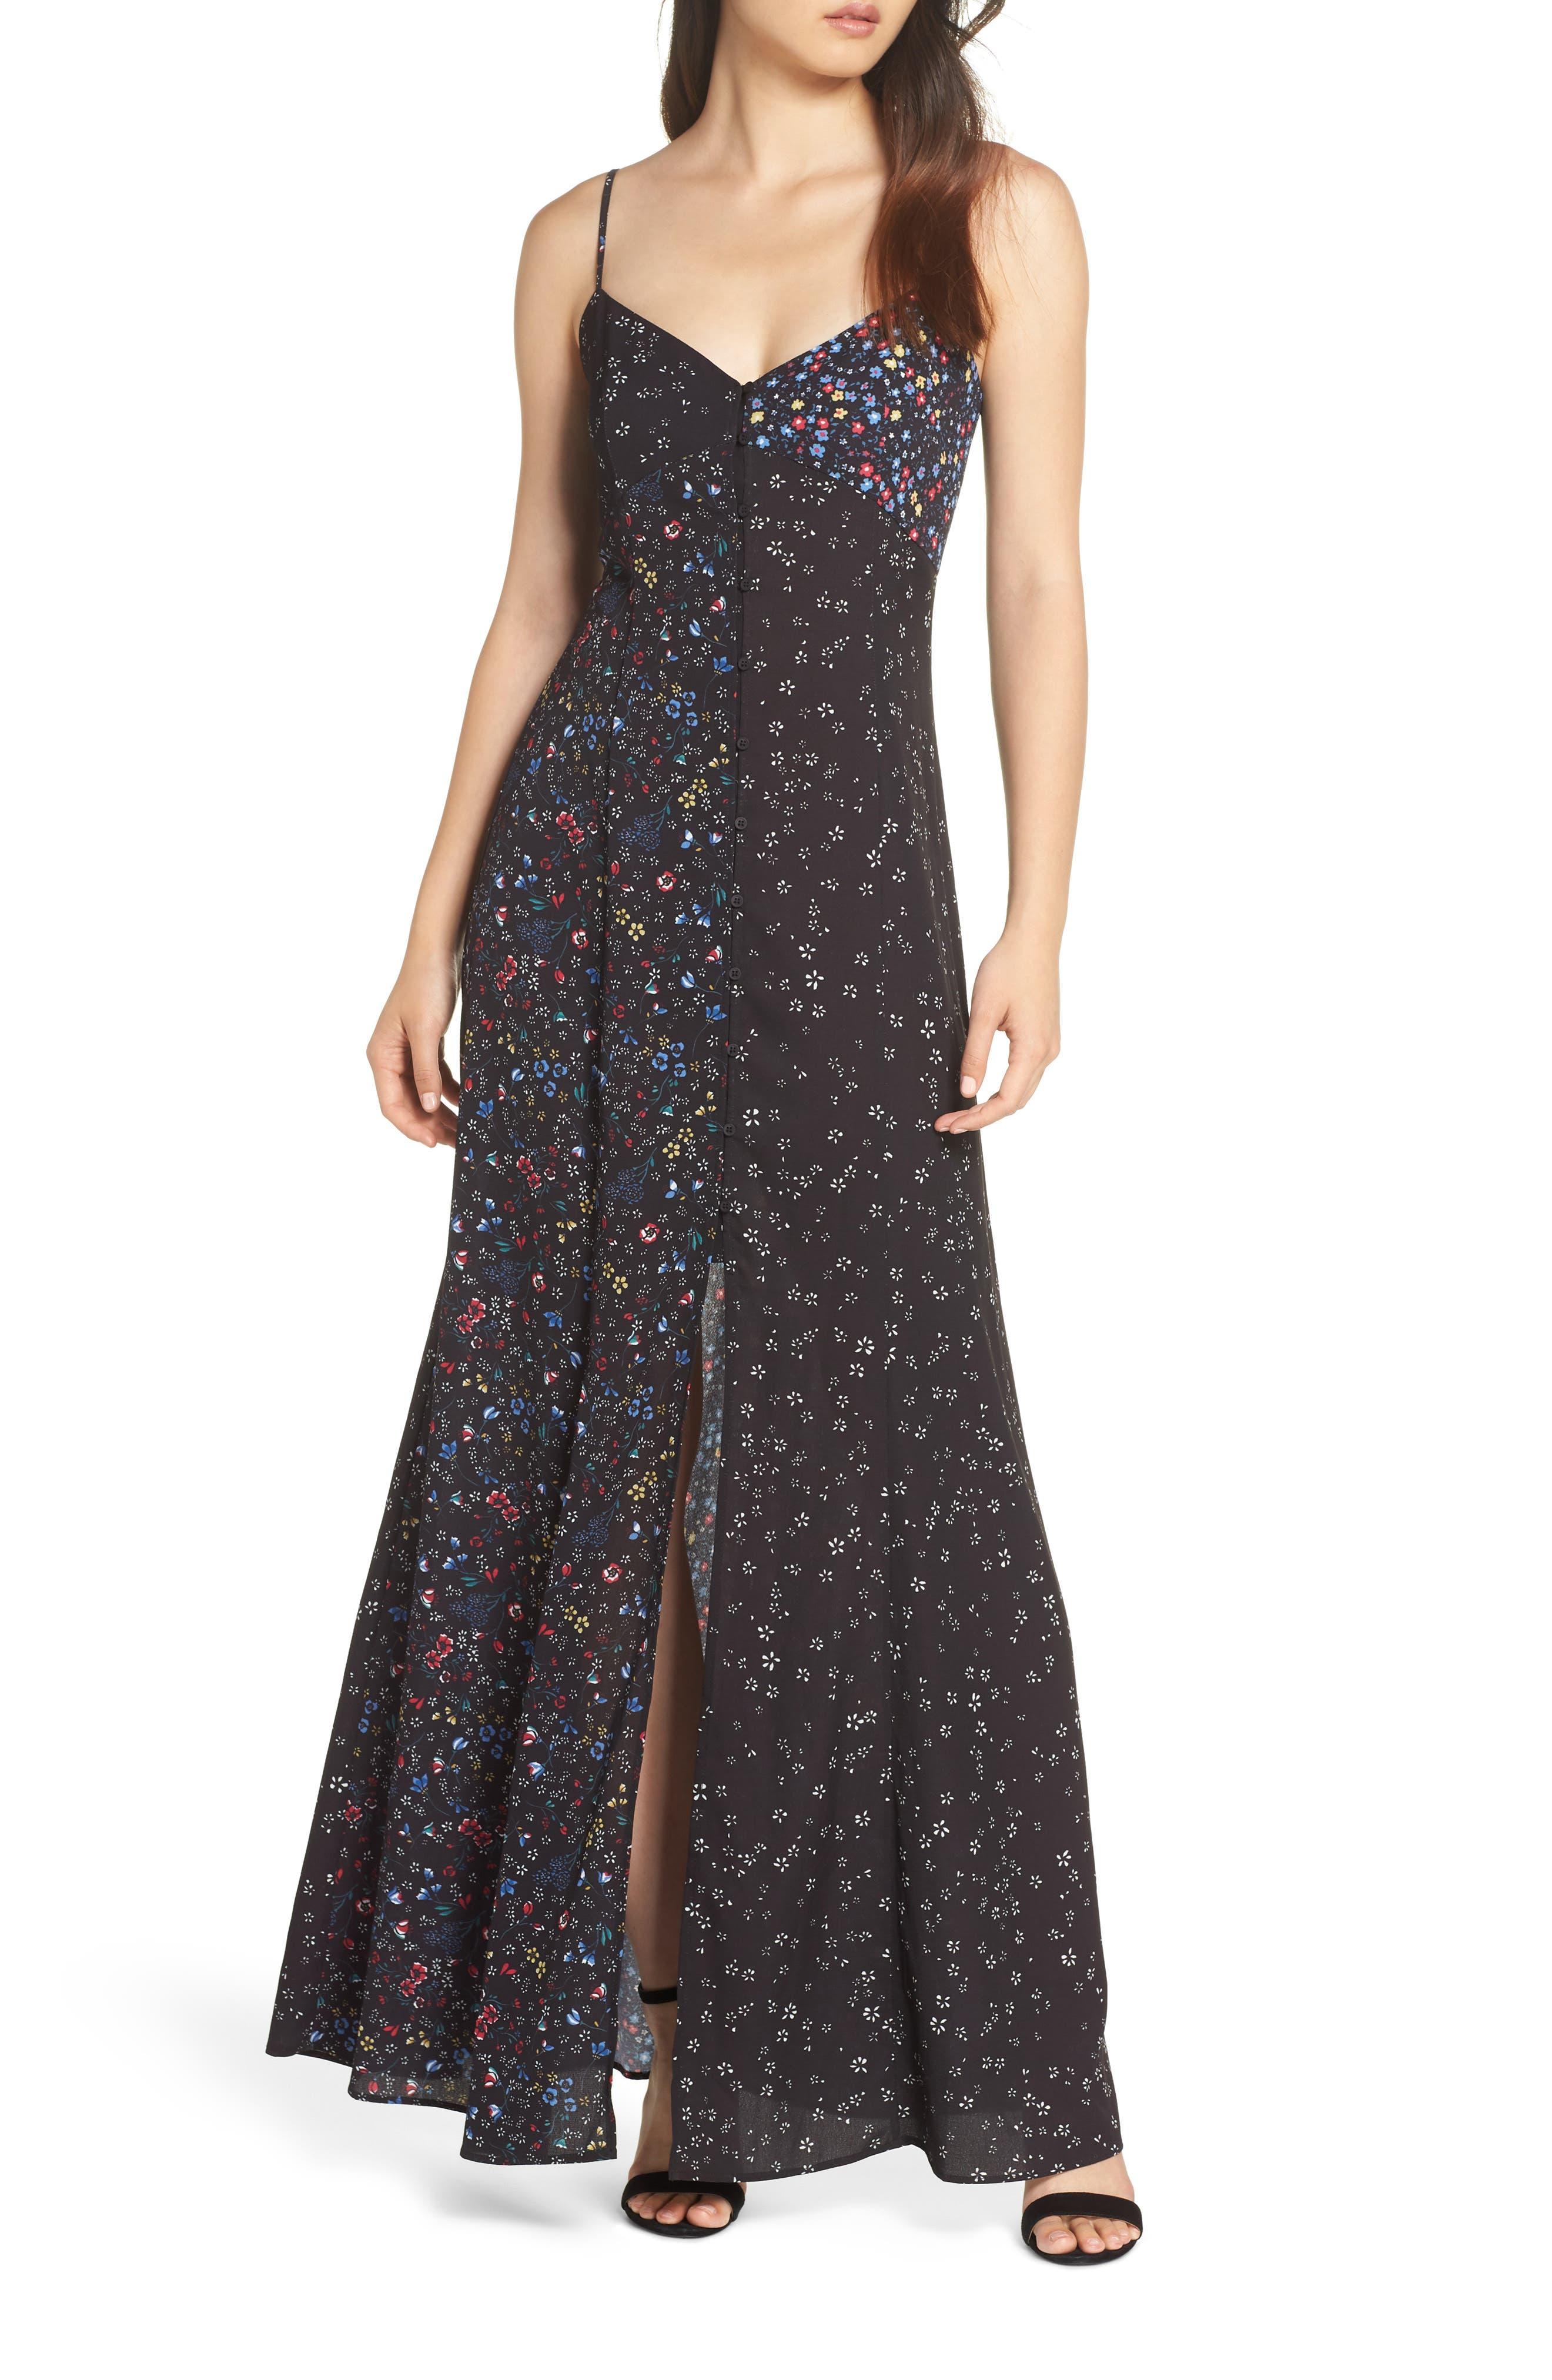 FRENCH CONNECTION Aubine Fluid Slip Dress, Main, color, 002